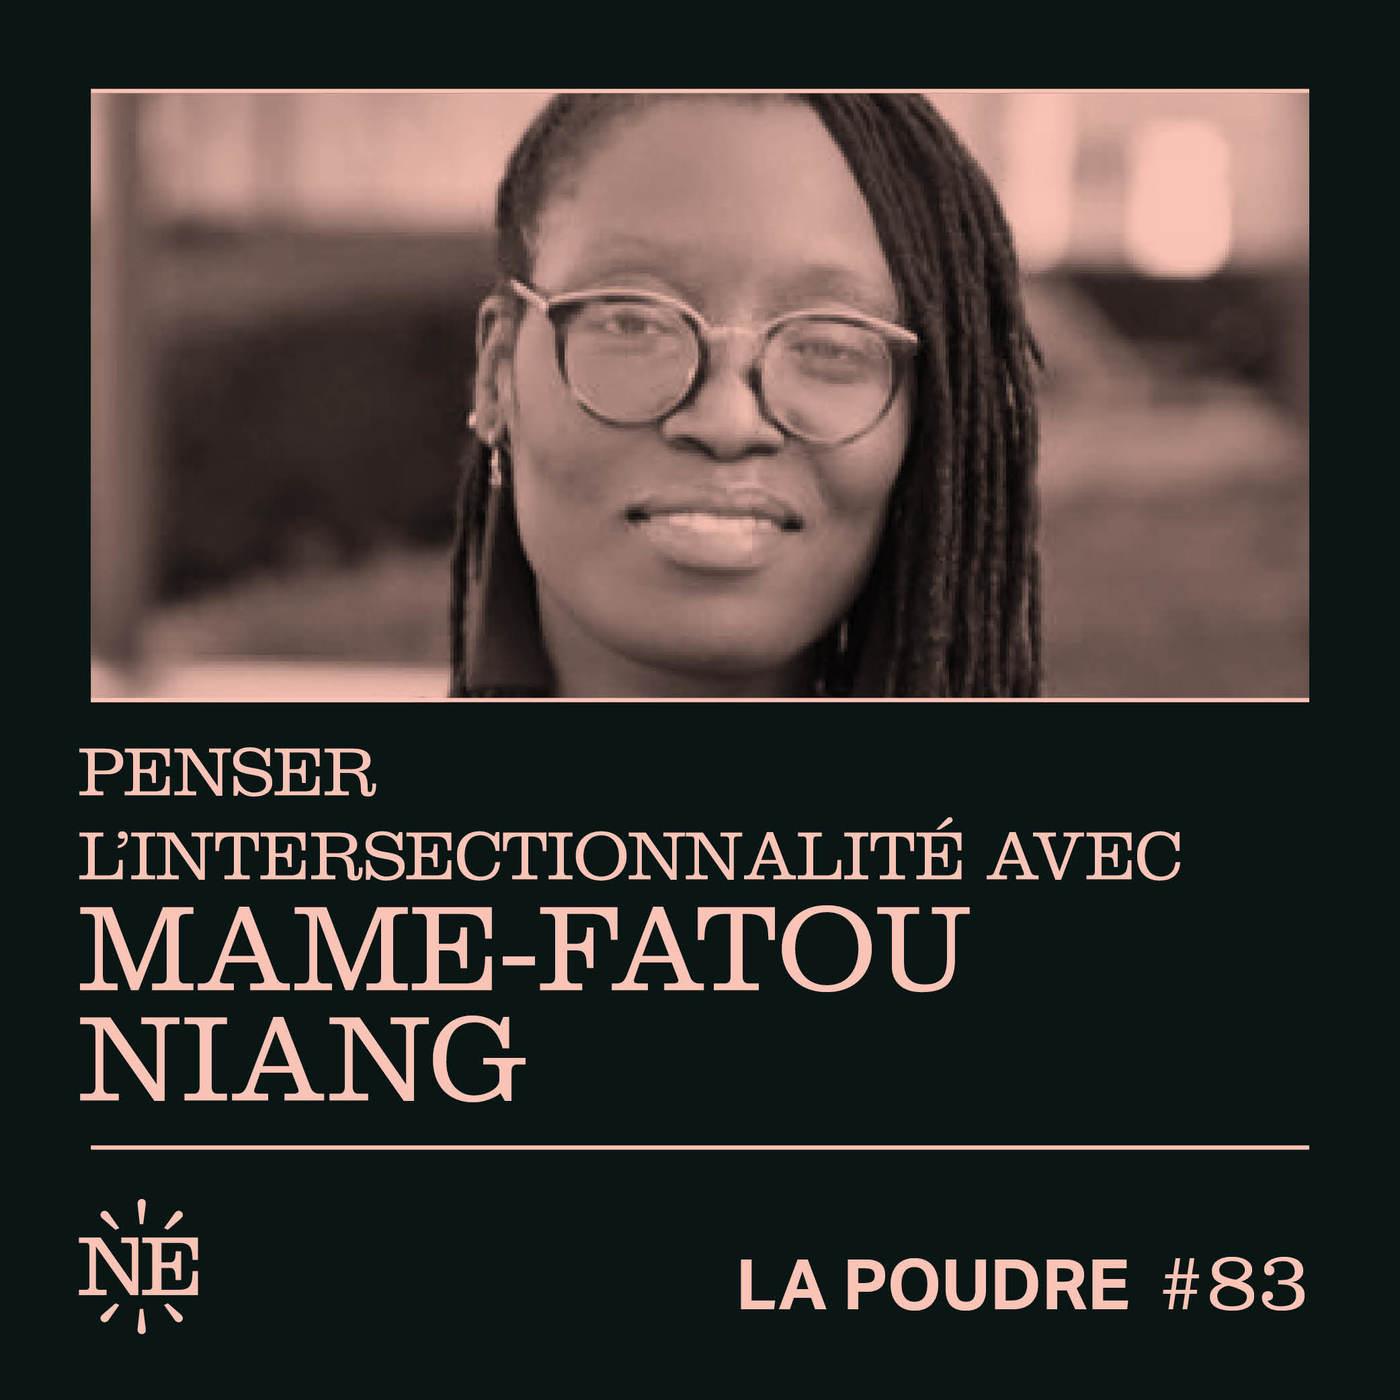 Épisode 83 - Penser l'intersectionnalité avec Mame-Fatou Niang